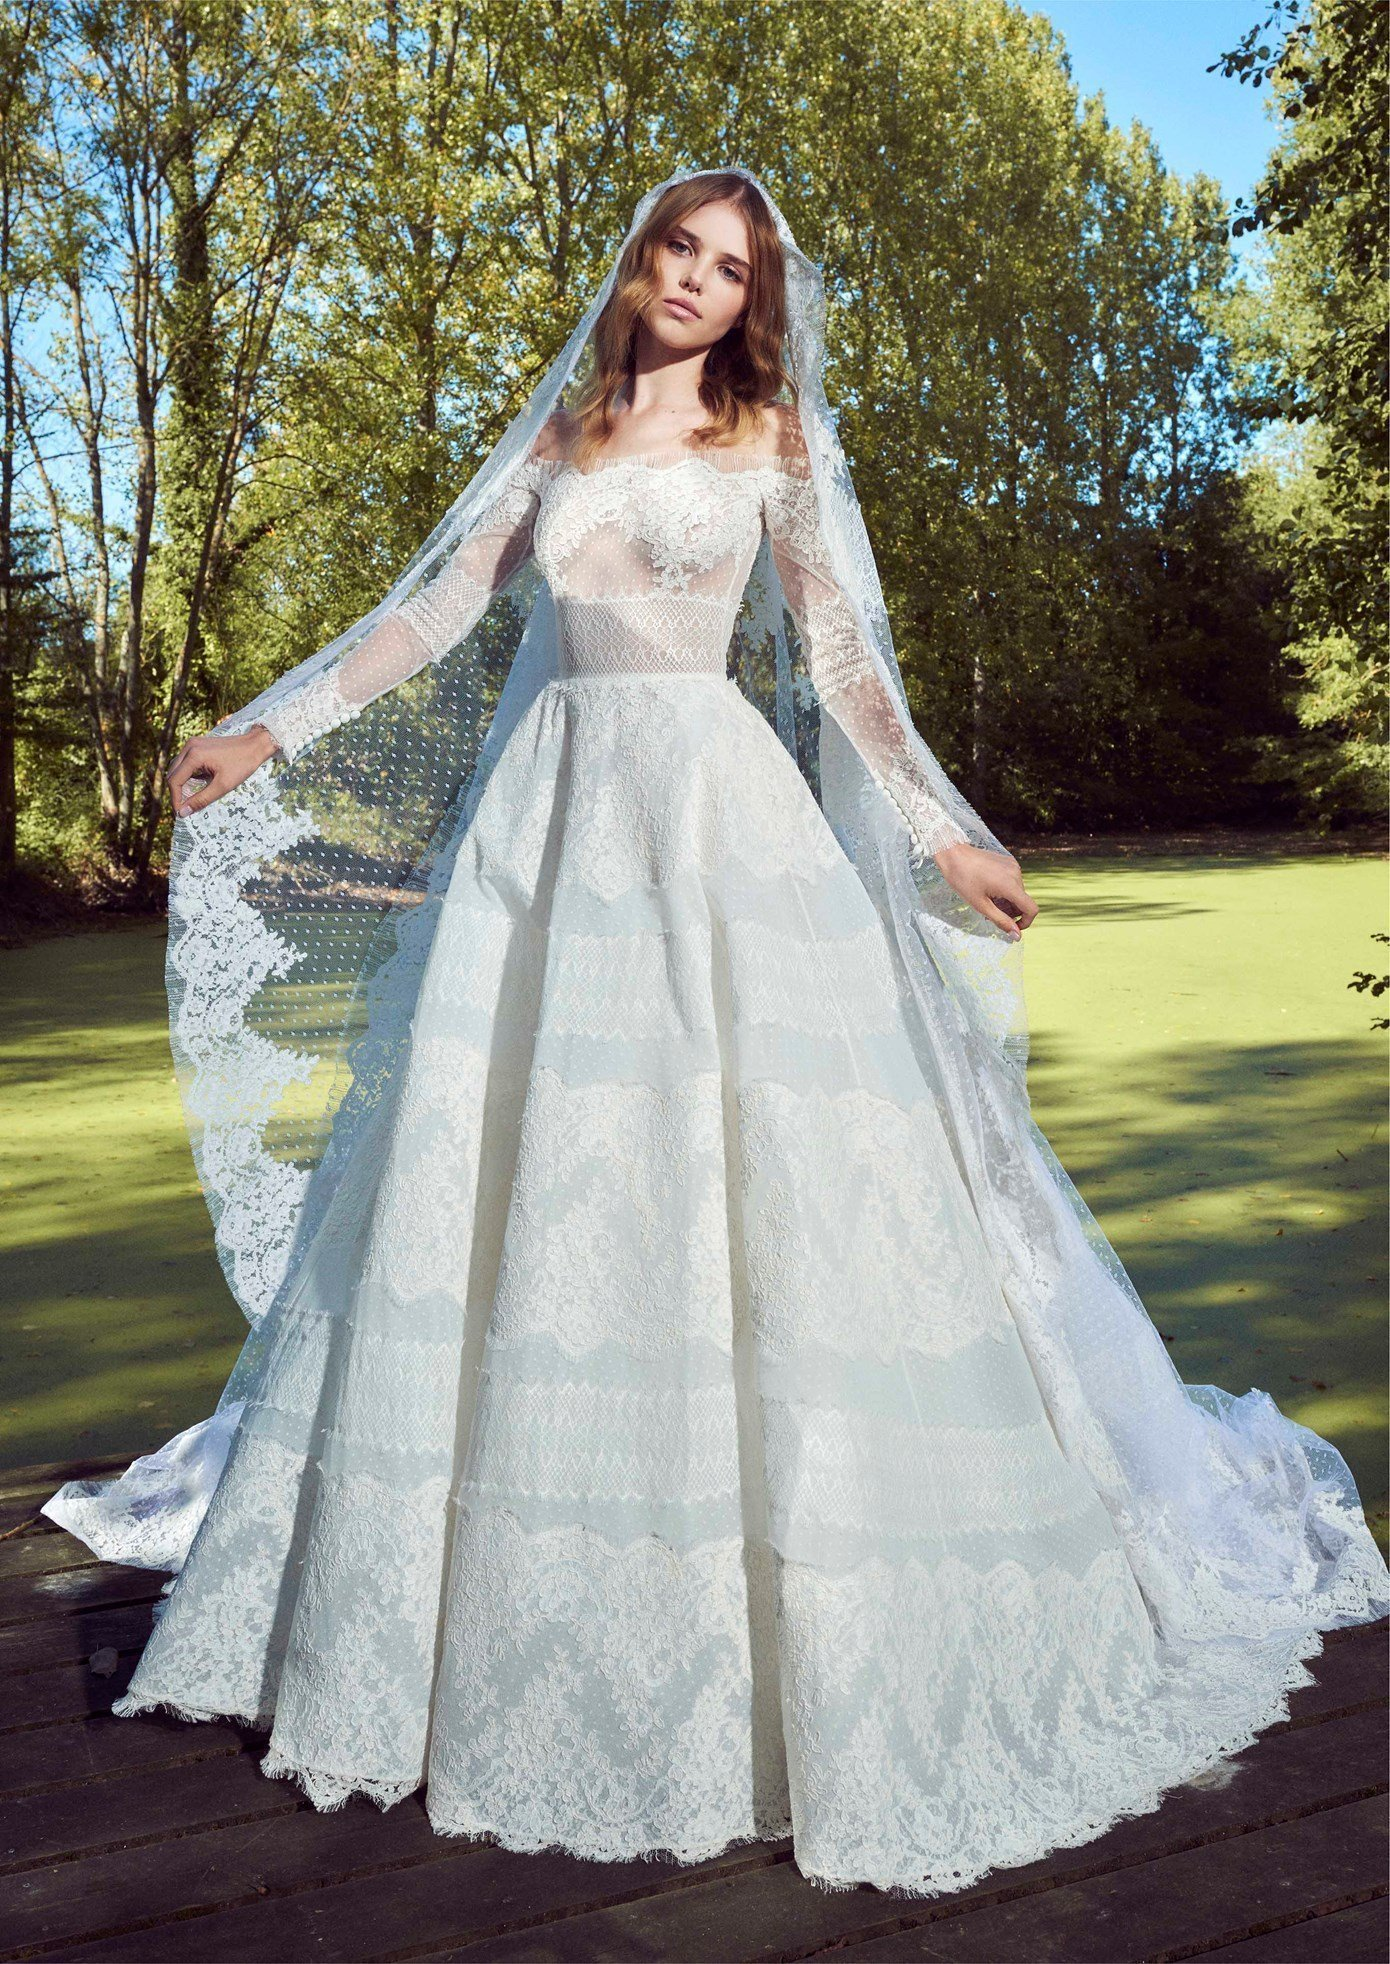 Wedding dress collection: Zuhair Murad – Fall 2019